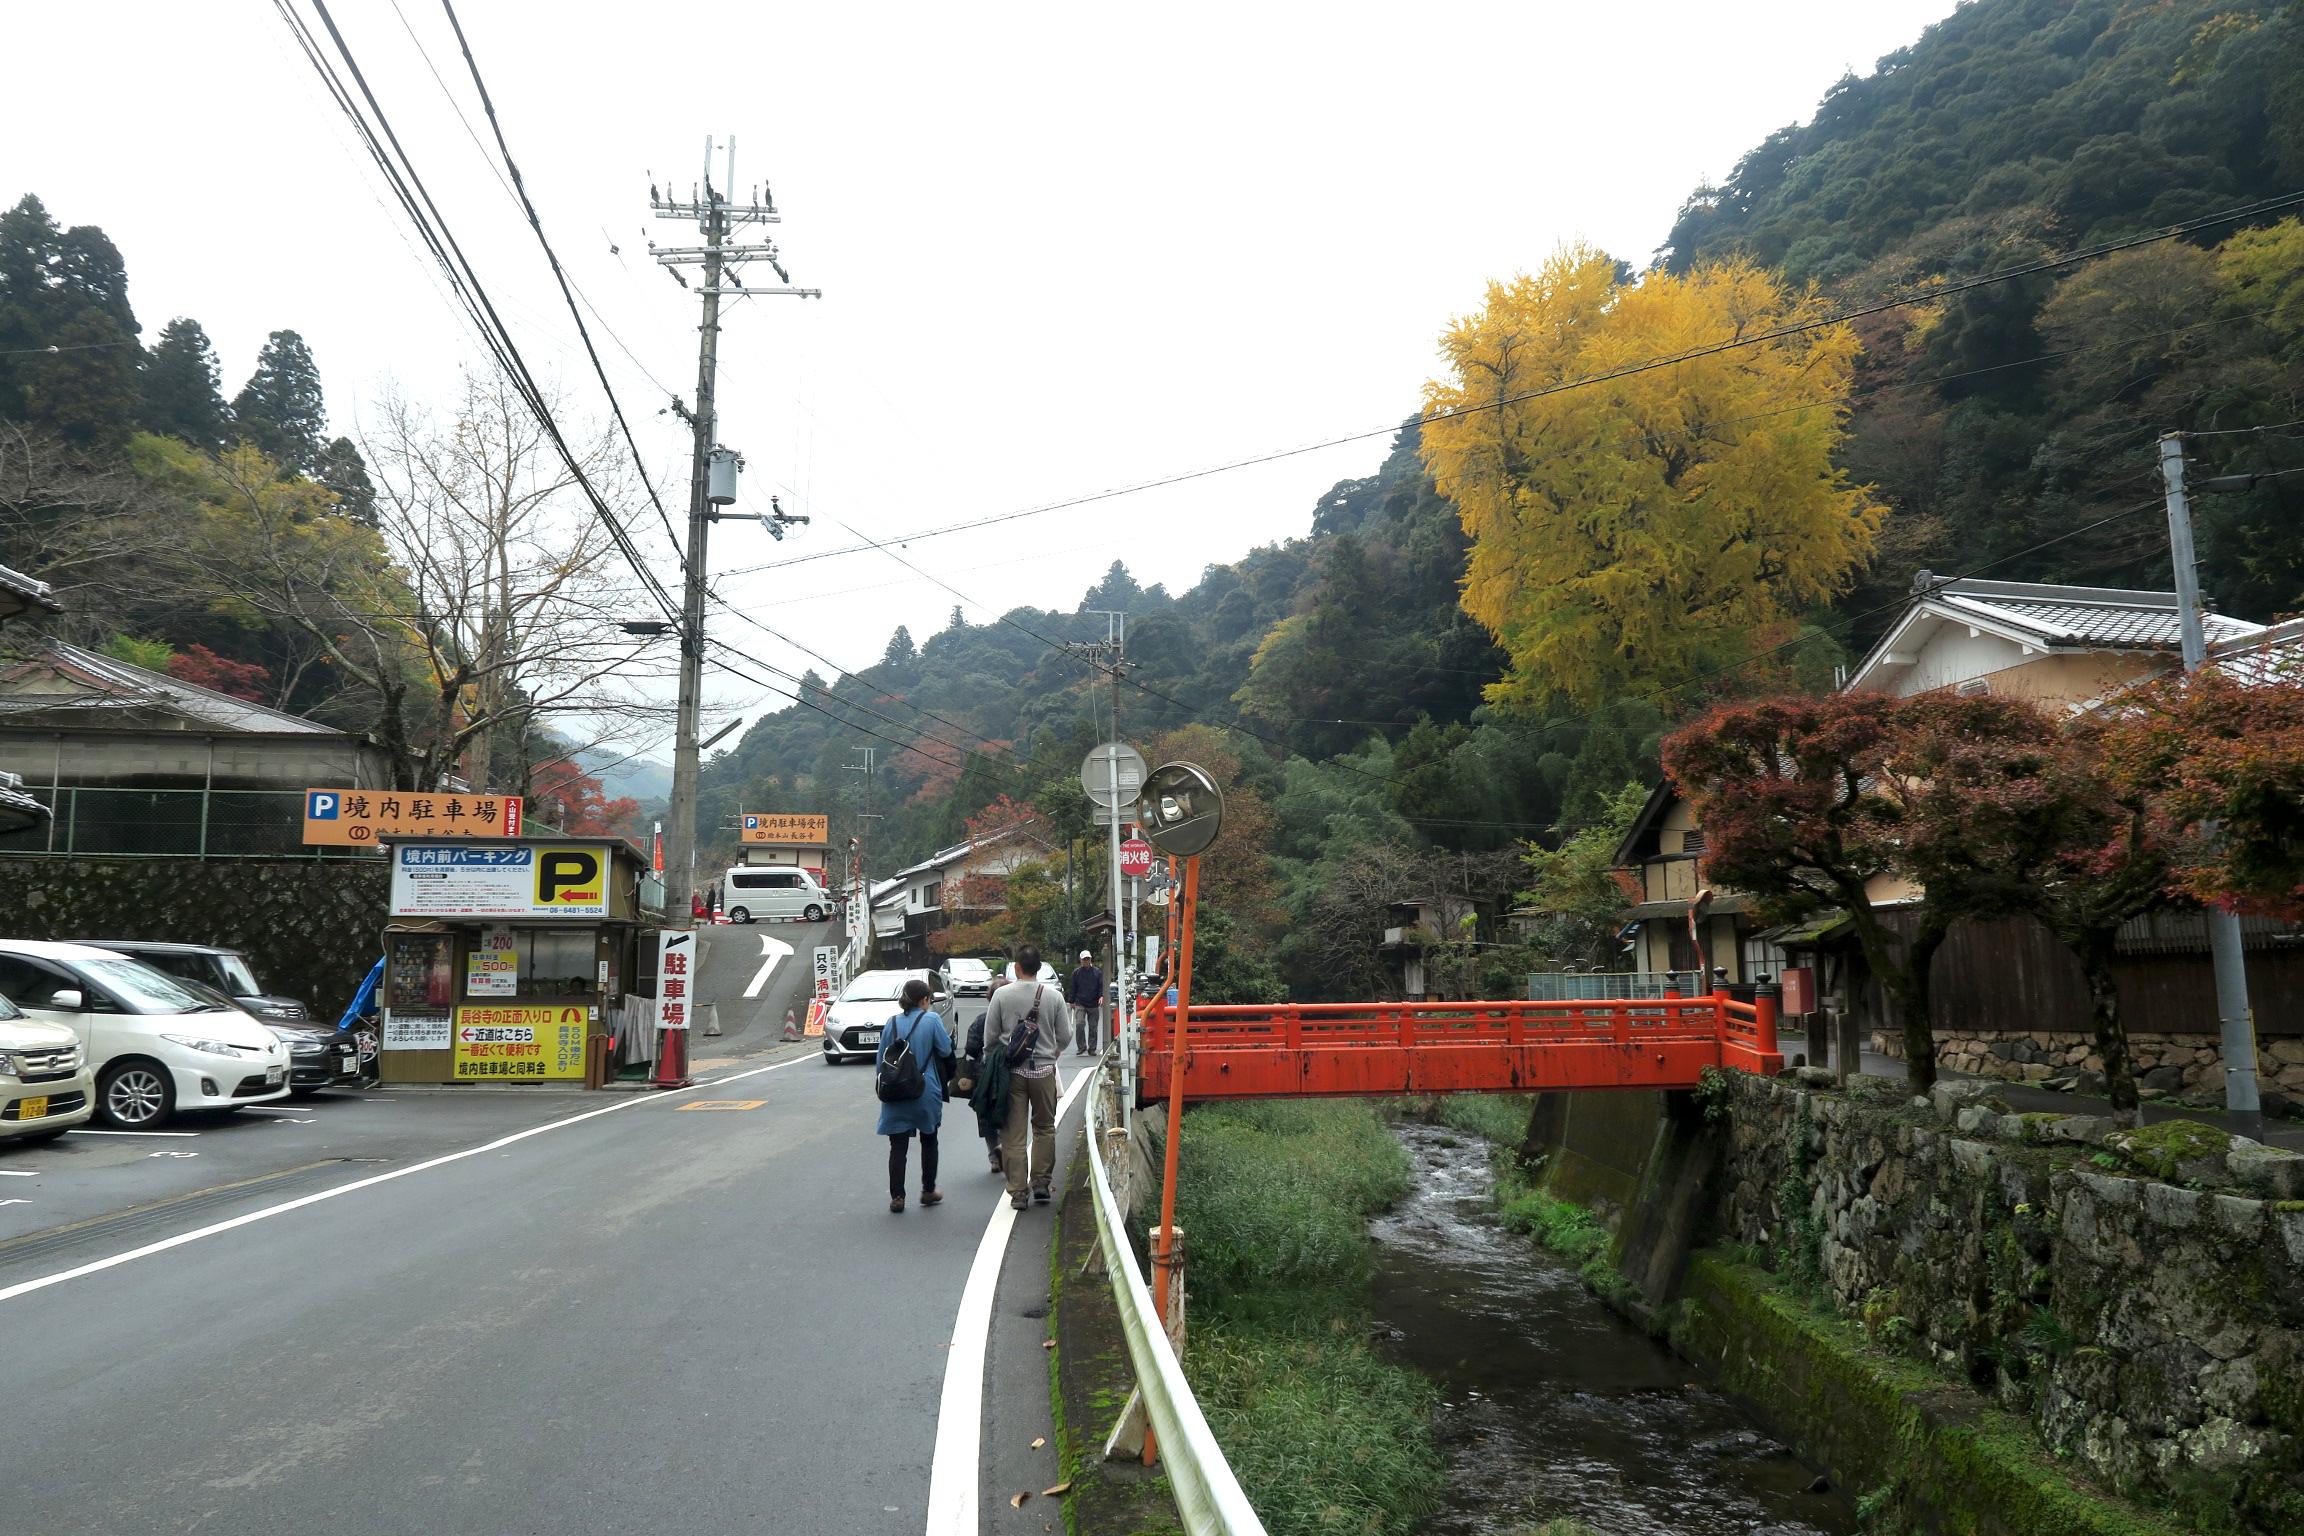 右手に素盞雄(すさのお)神社の「初瀬のイチョウの巨樹」が見えてきました。大きいですねぇ。